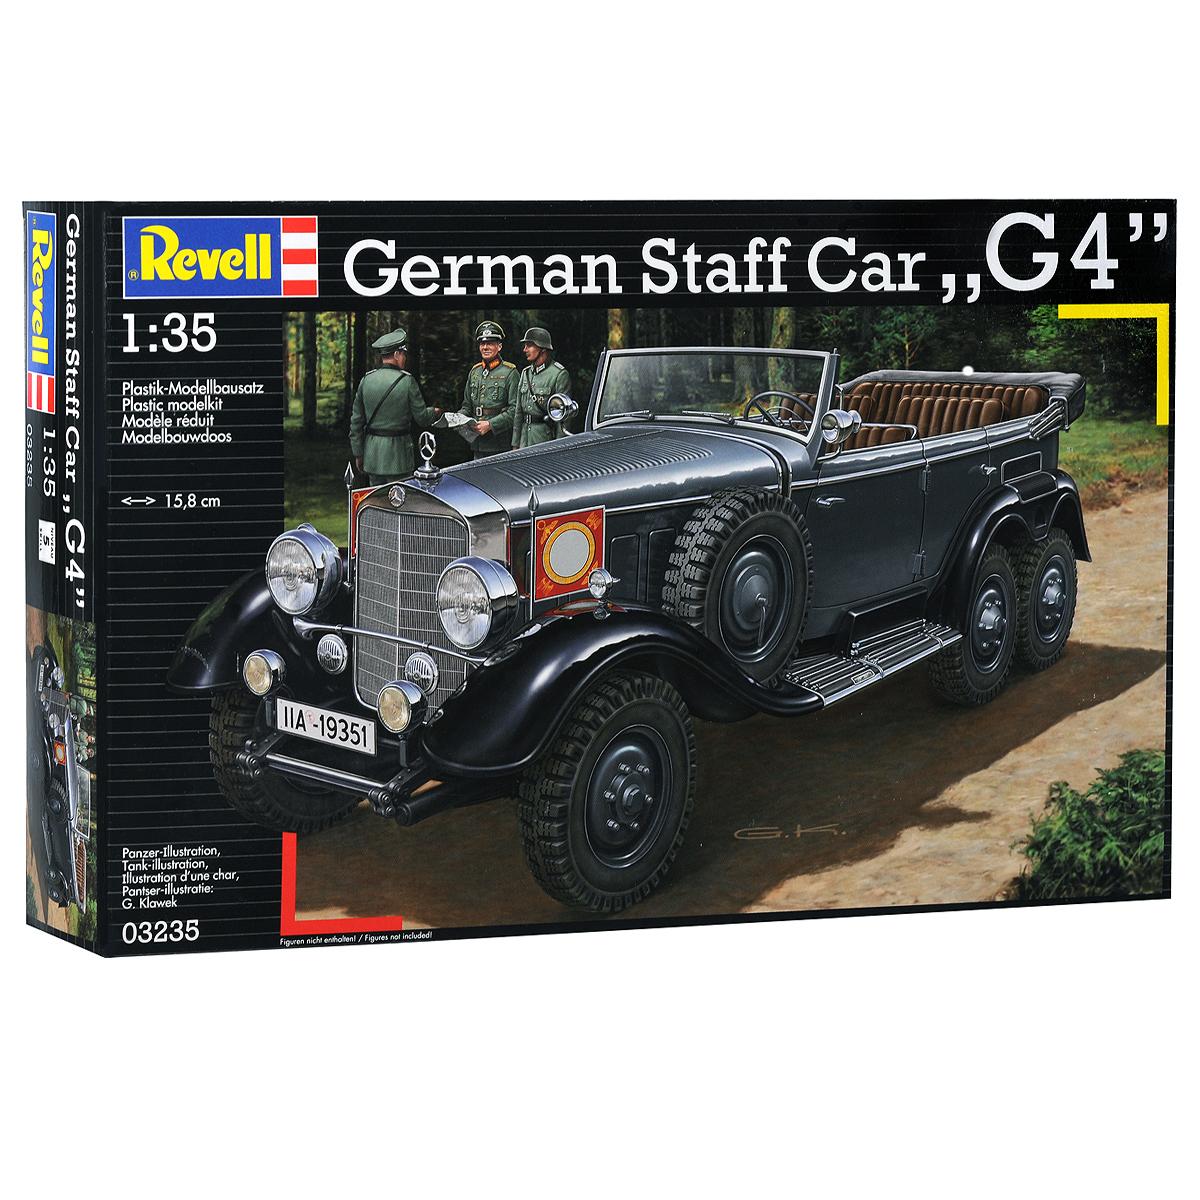 Revell Сборная модель Германский обслуживающий автомобиль G4